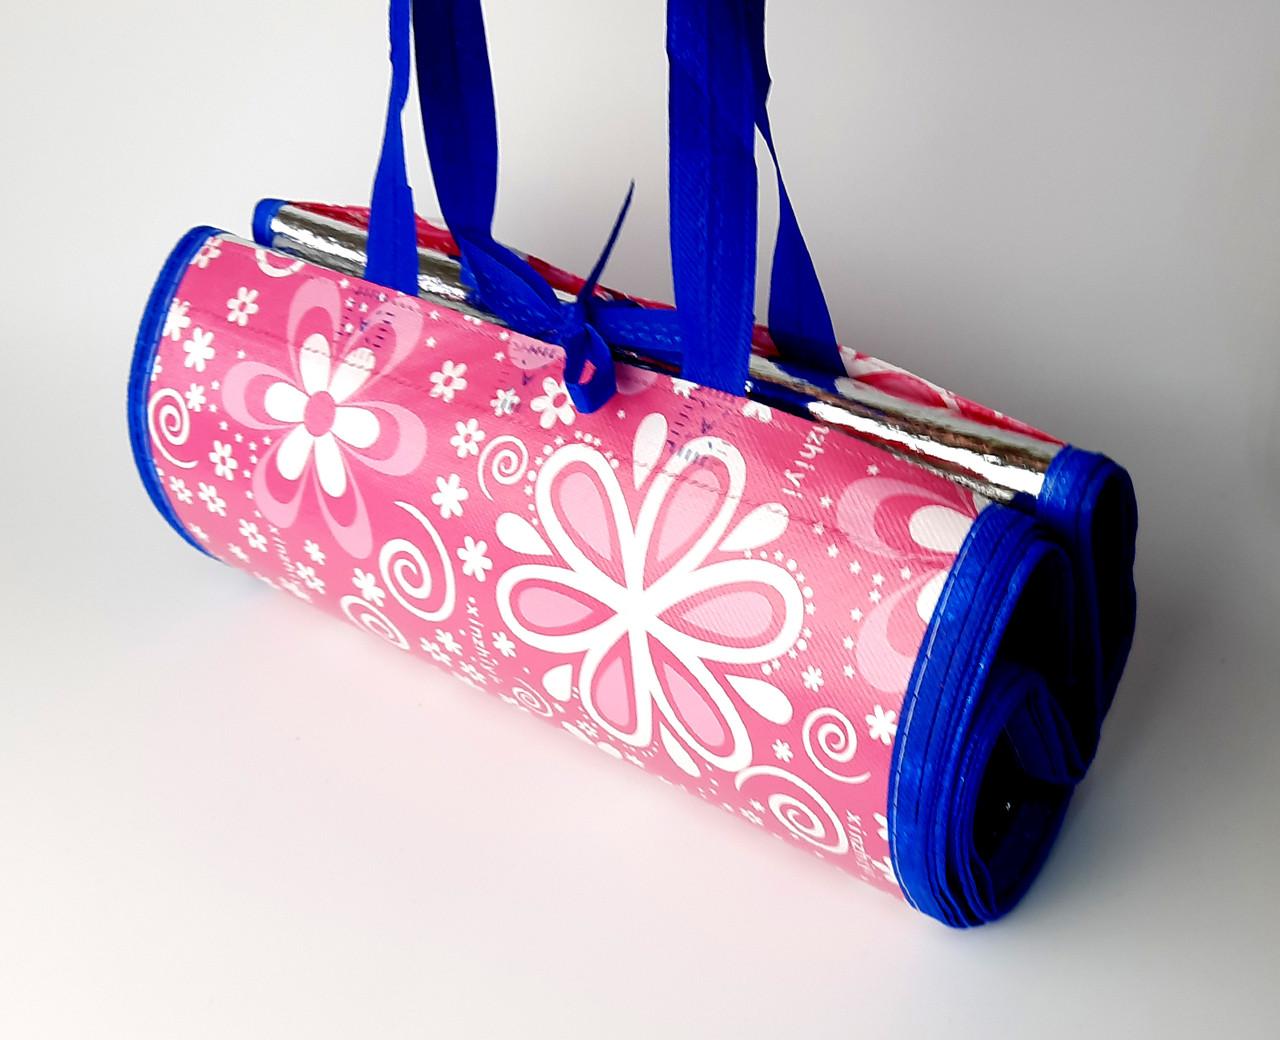 Пляжная подстилка-сумка, коврик для пляжа, покрывало для пикника 145*165 СМ